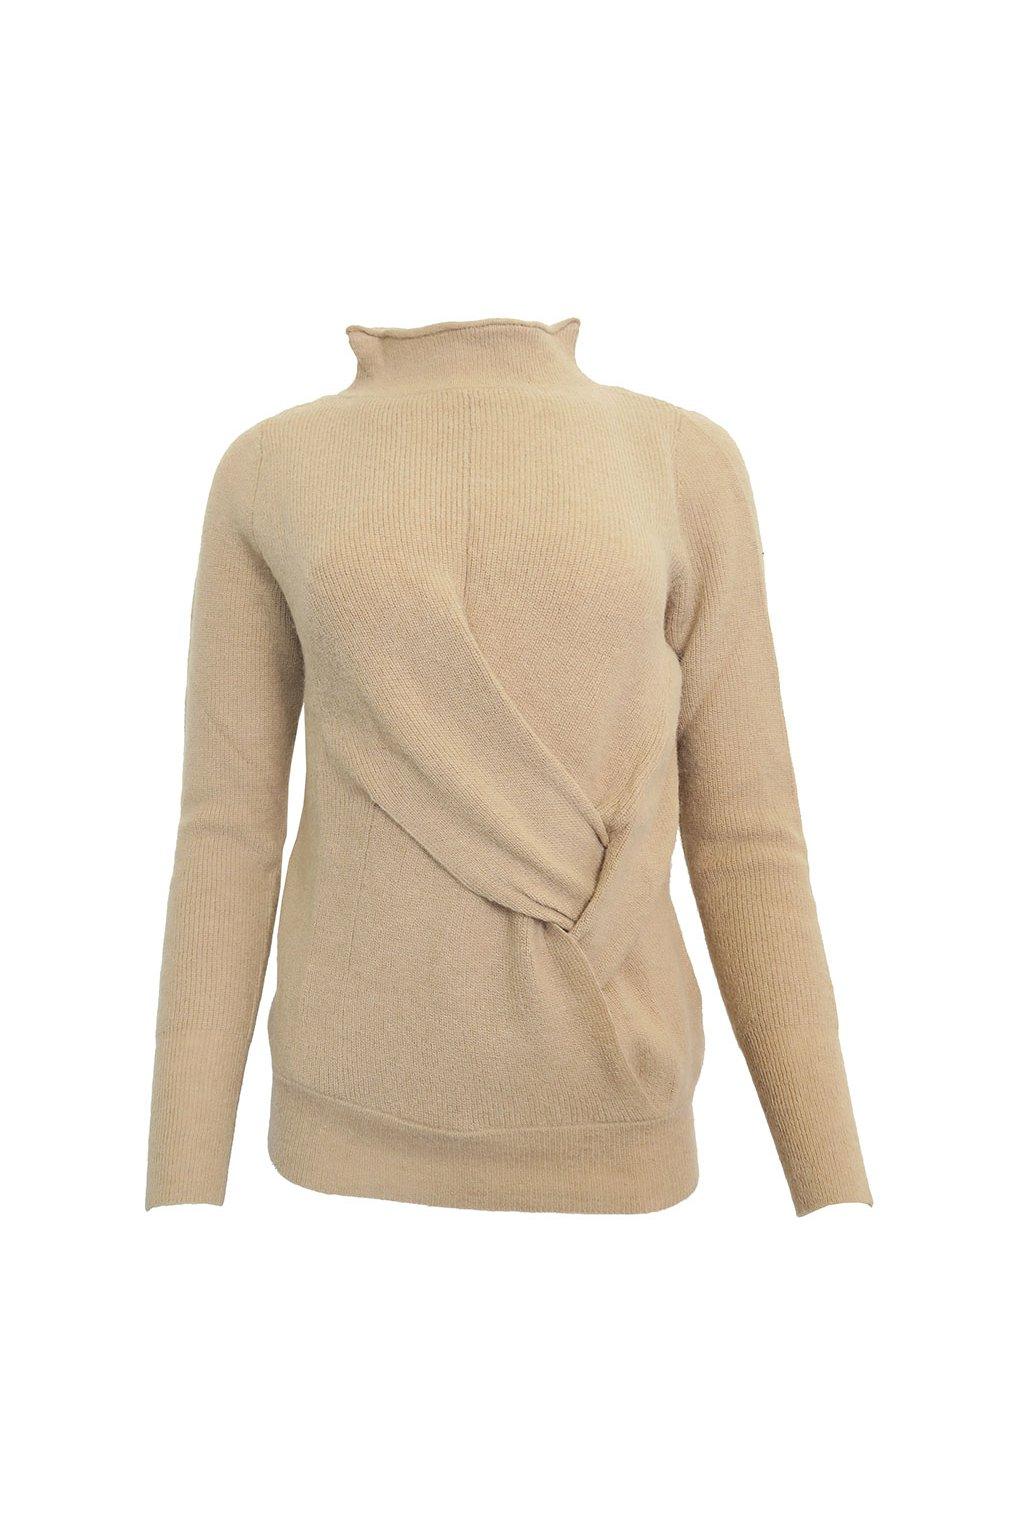 Béžový svetr s uzlíkem YAYA